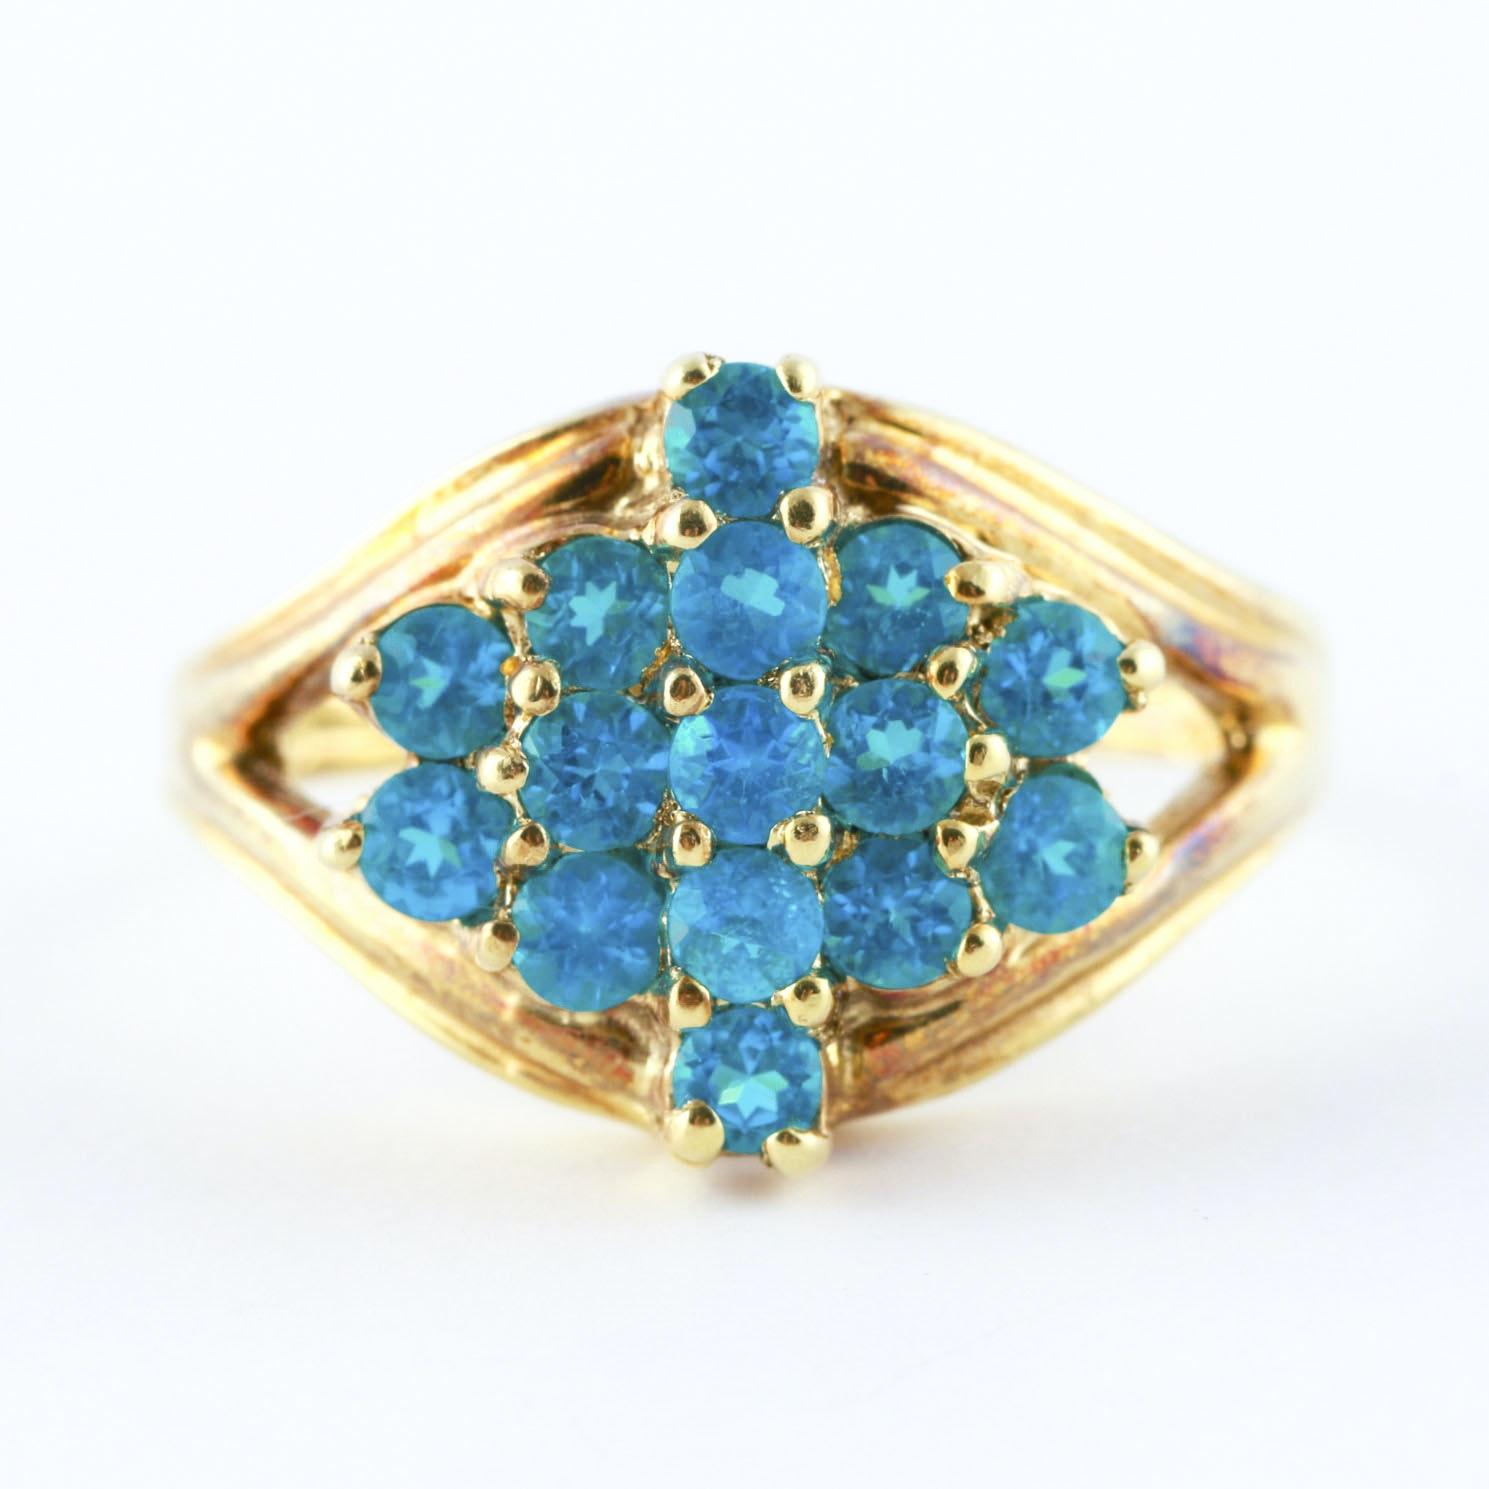 14K Yellow Gold Apatite Ring